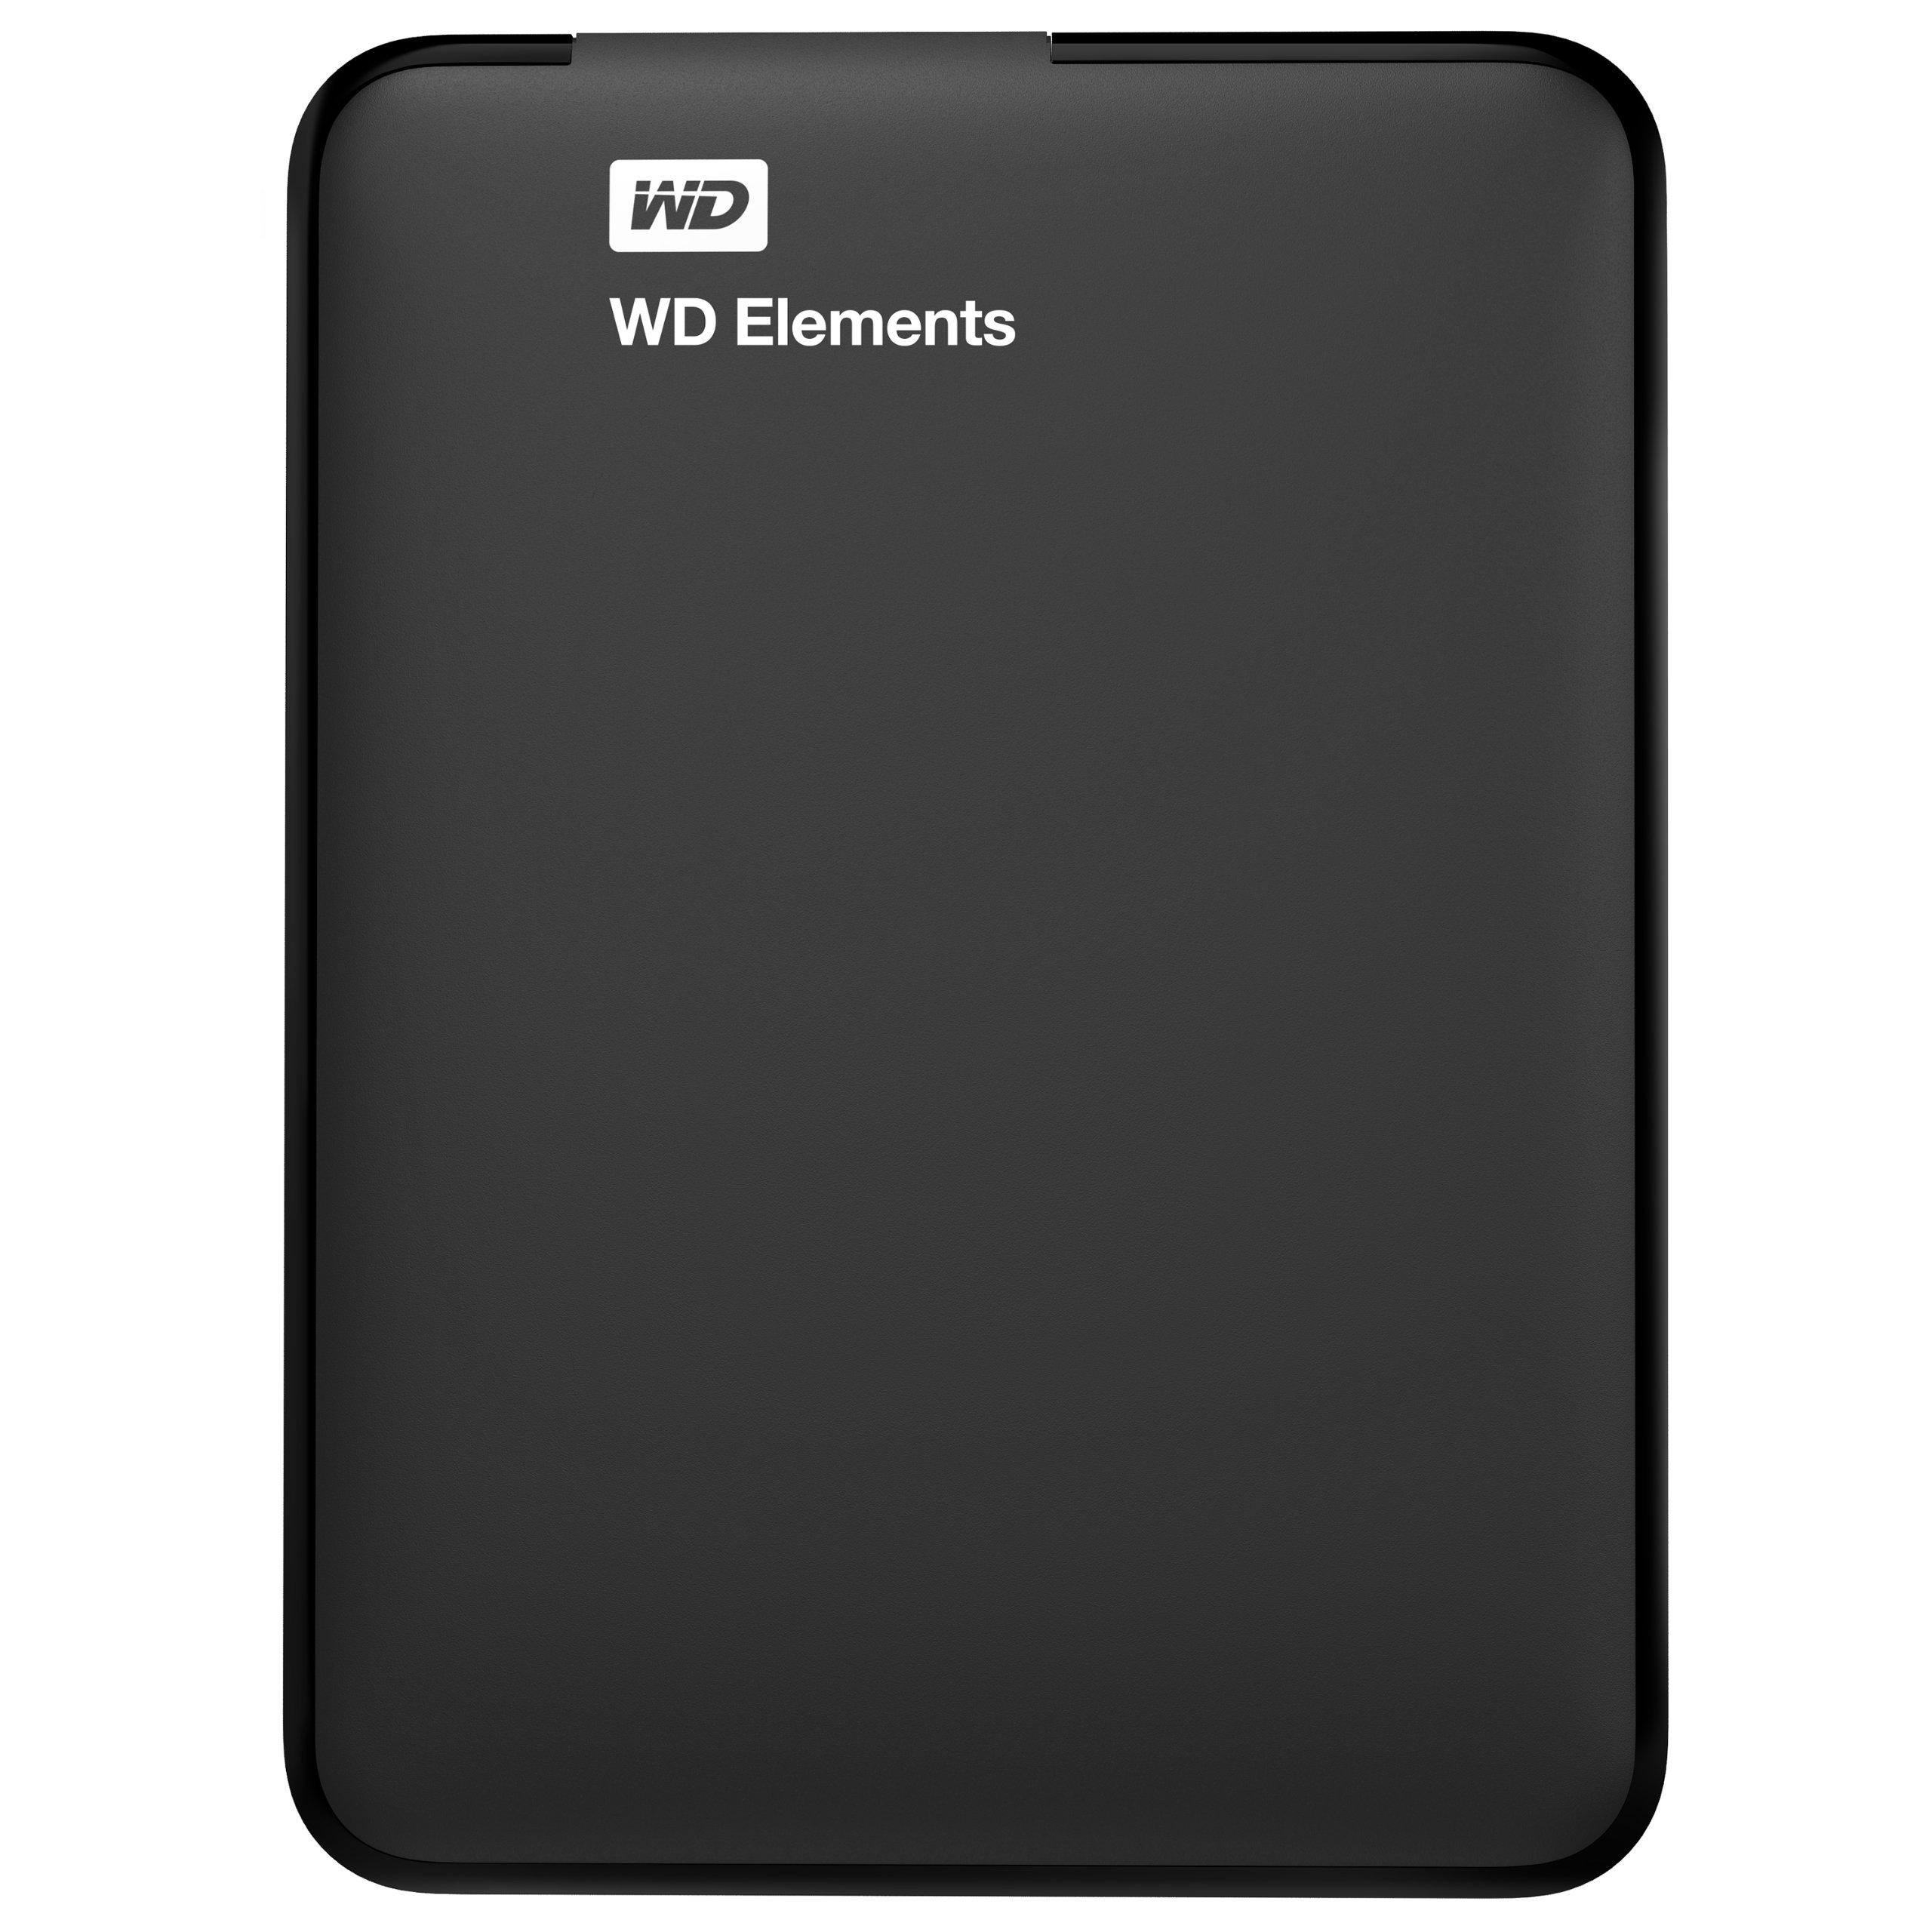 WD 500GB Elements Portable External Hard Drive - USB 3.0 - WDBUZG5000ABK-NESN by Western Digital